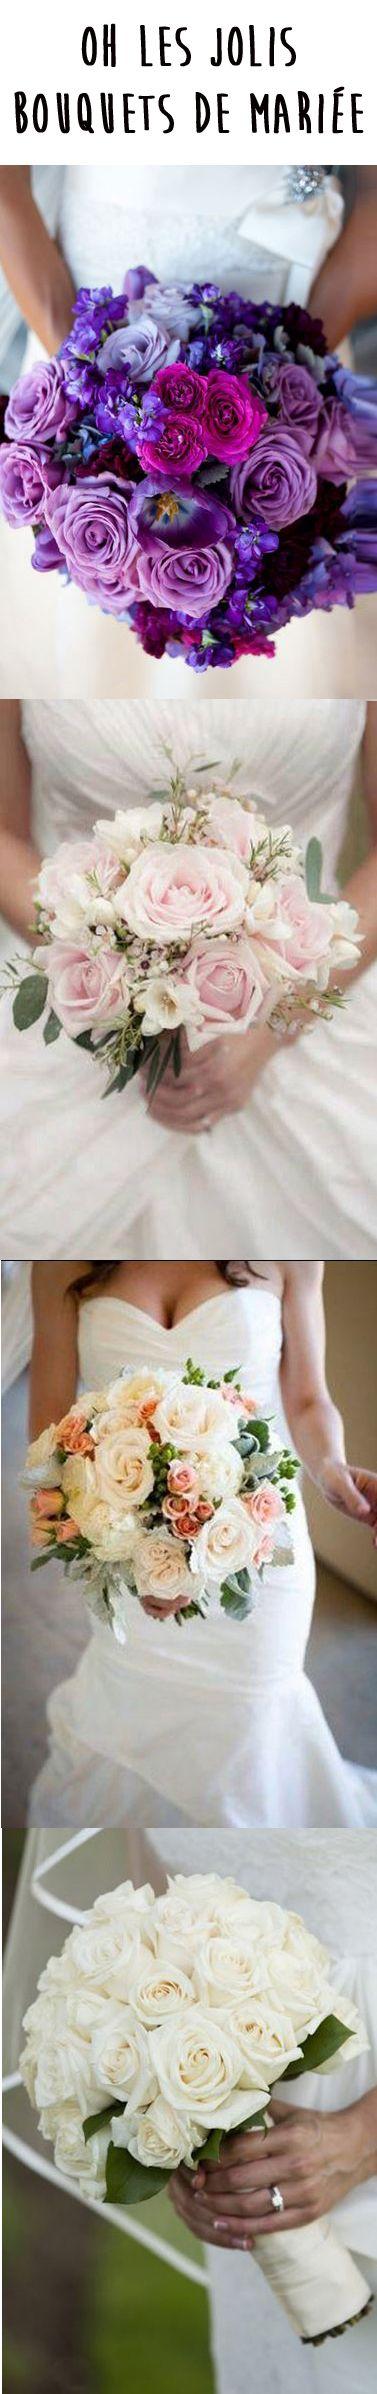 Le bouquet de mariée, l'accessoire indispensable pour votre mariage.